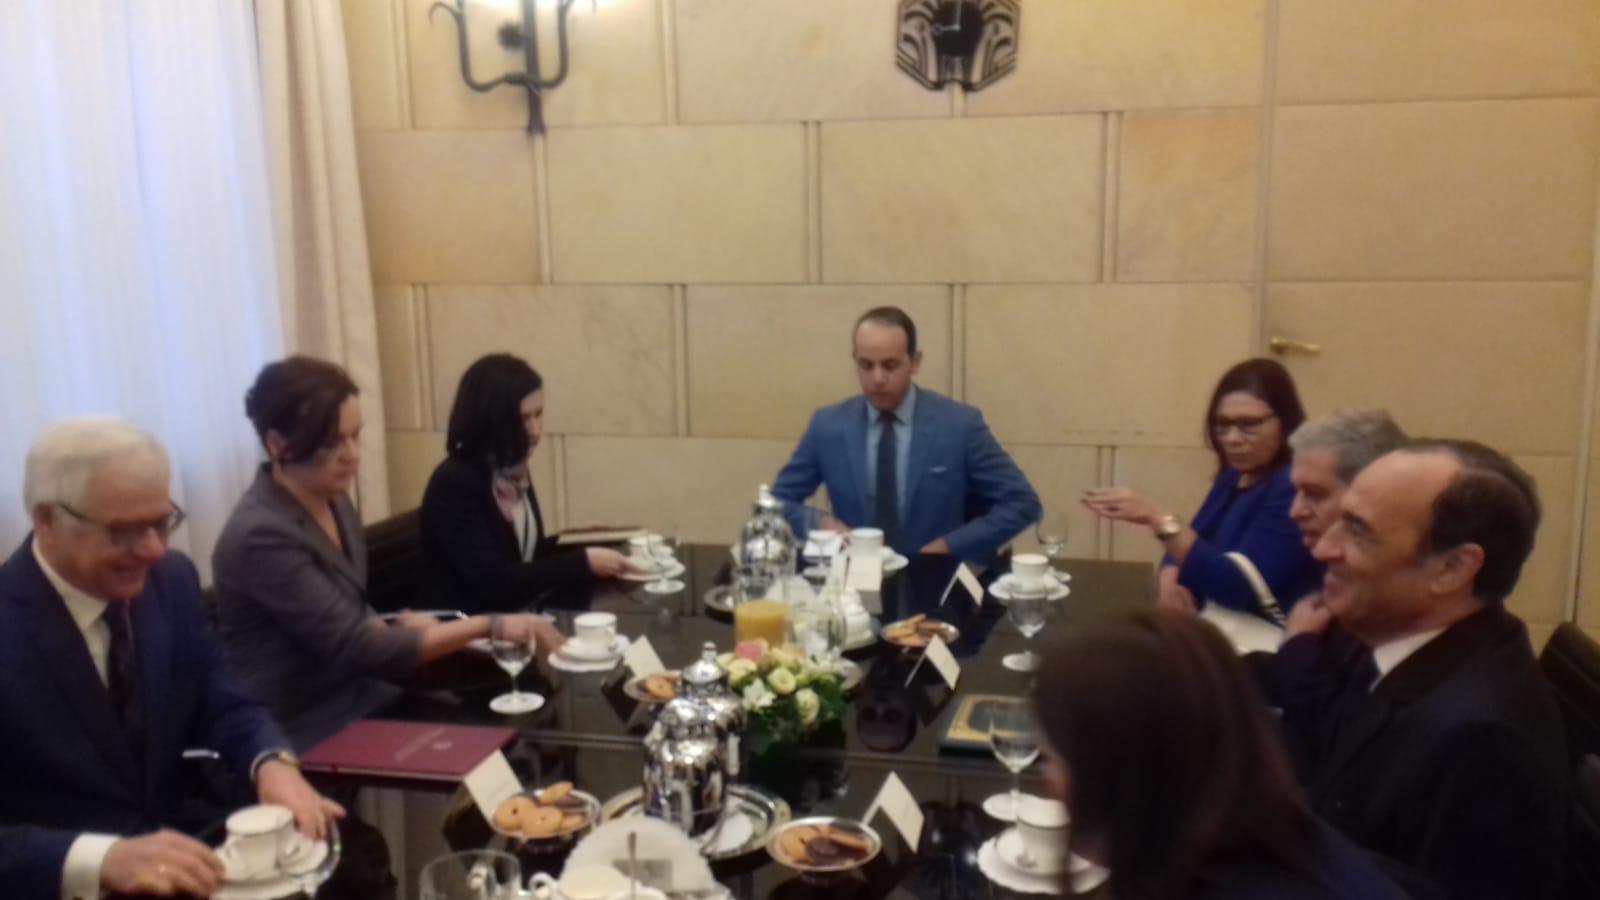 Habib El Malki : La diplomatie parlementaire, un outil essentiel pour la défense des causes justes du Maroc Entretiens entre le président de la Chambre des représentants et le ministre polonais des A.E